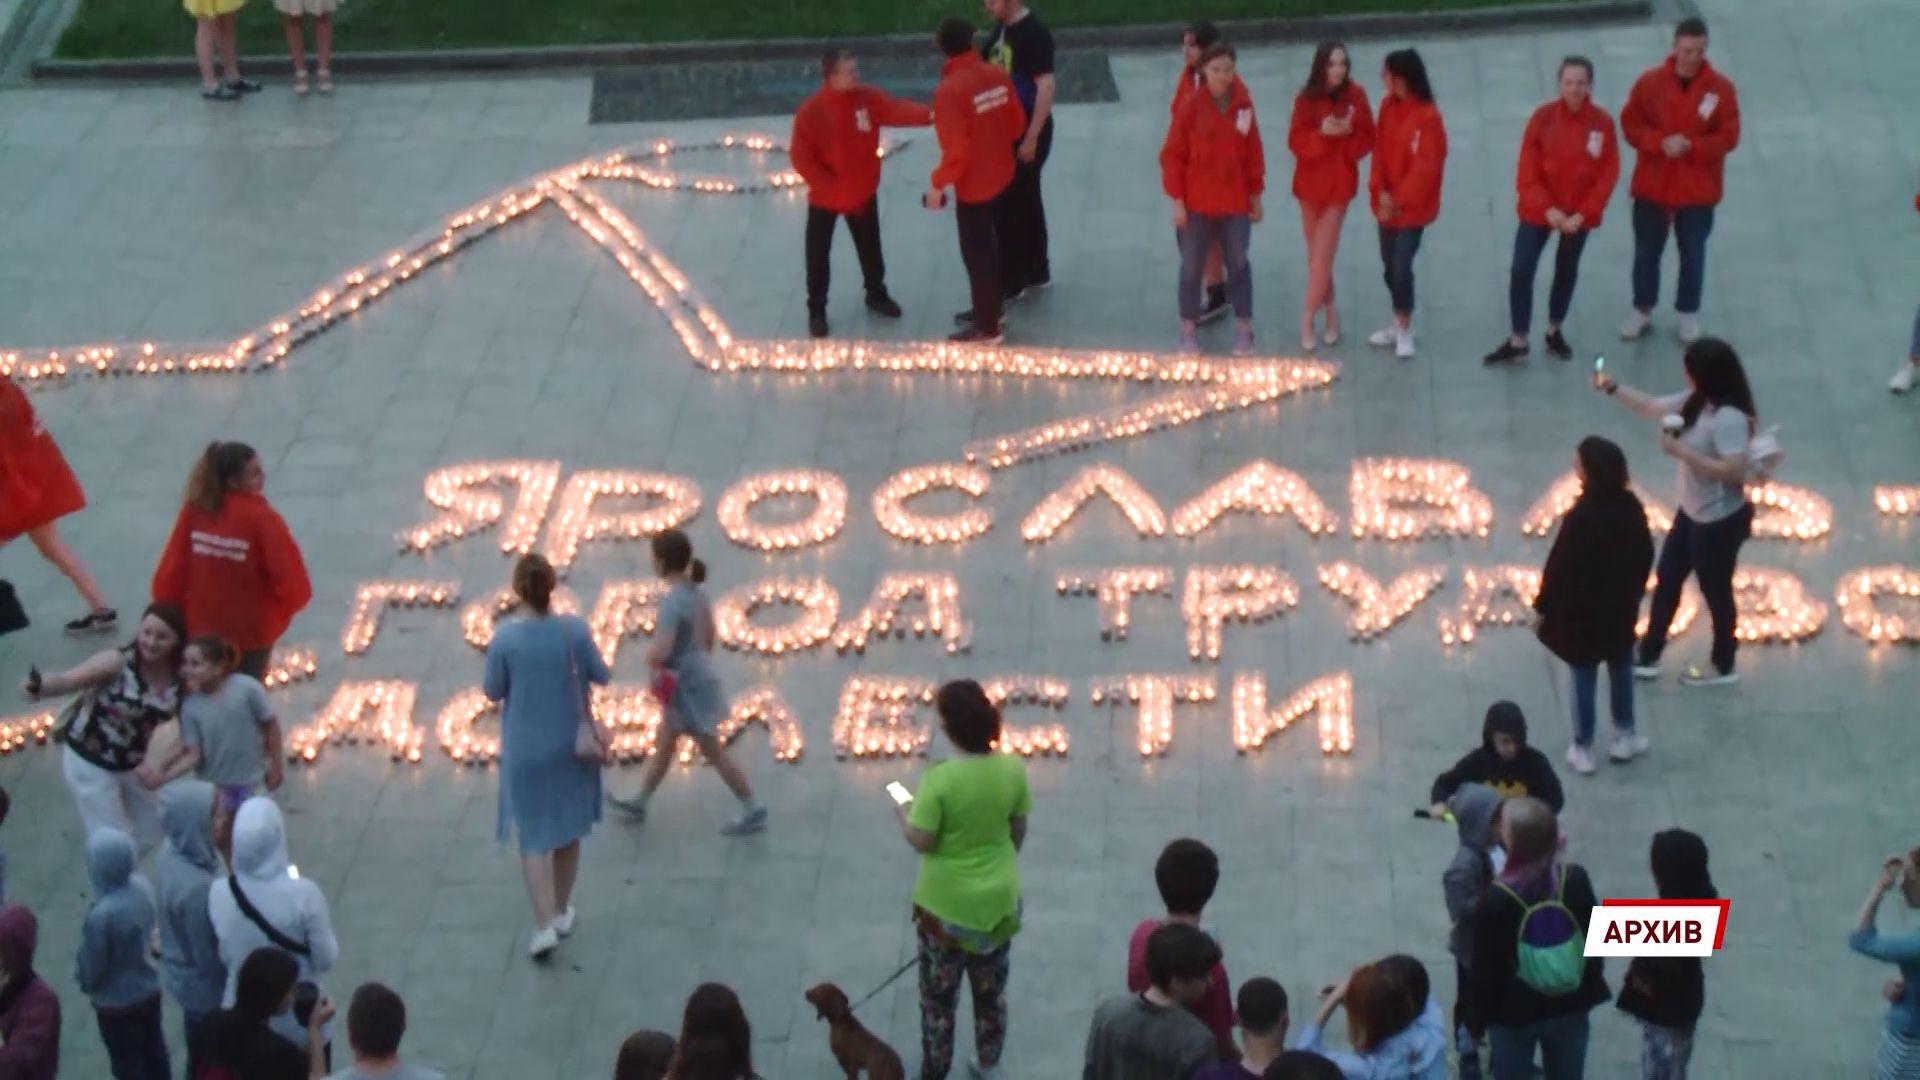 Ярославские предприятия установят памятные доски в честь звания «Город трудовой доблести»